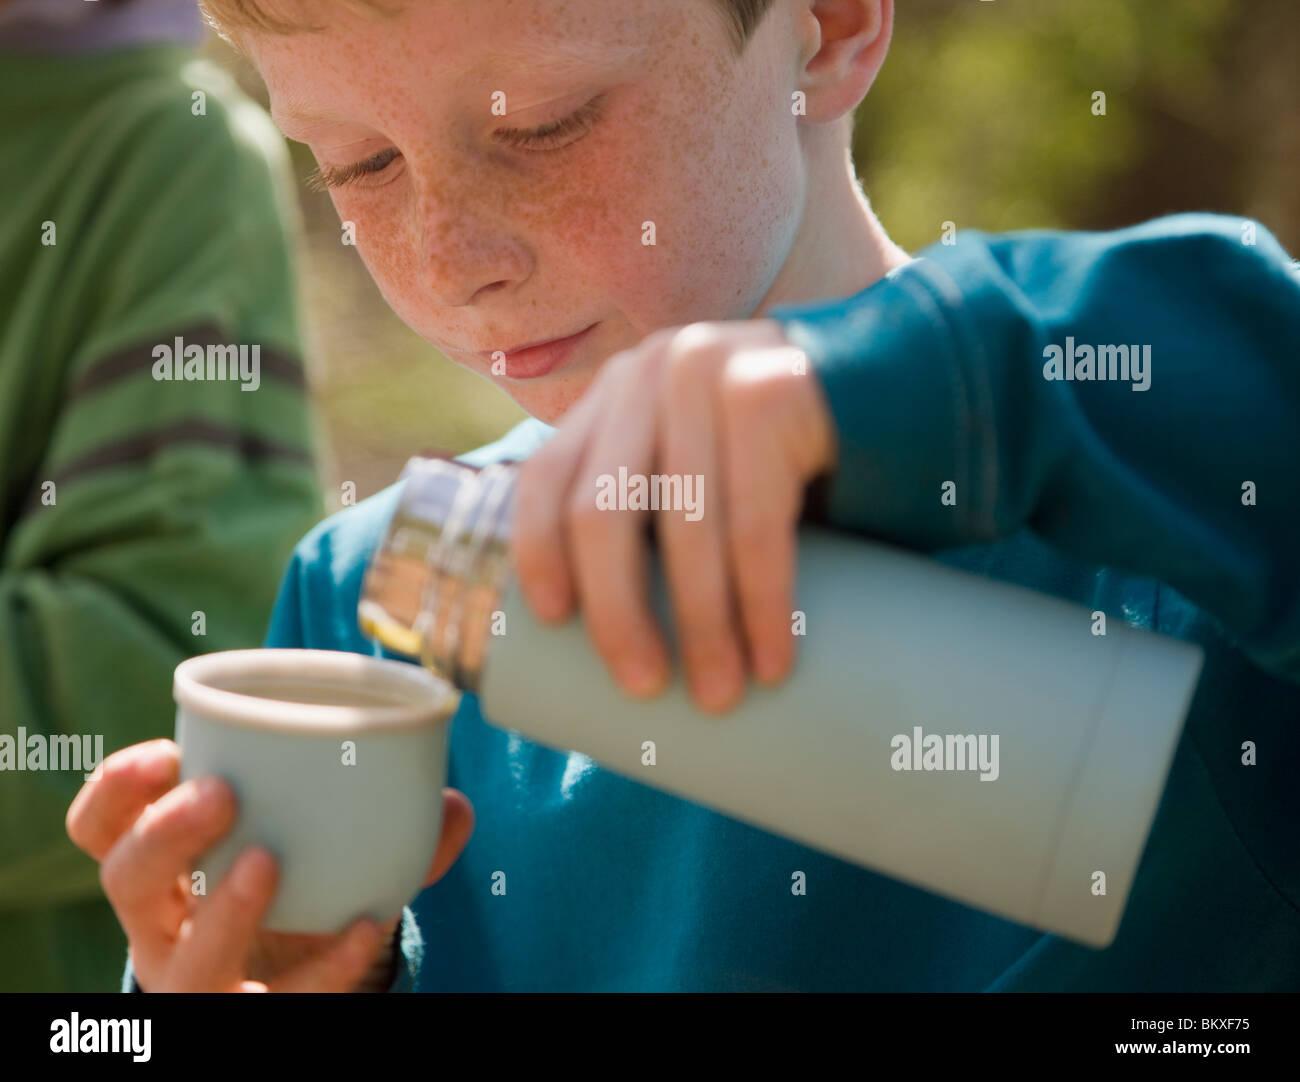 Cerca de joven a verter agua del matraz aislado Foto de stock